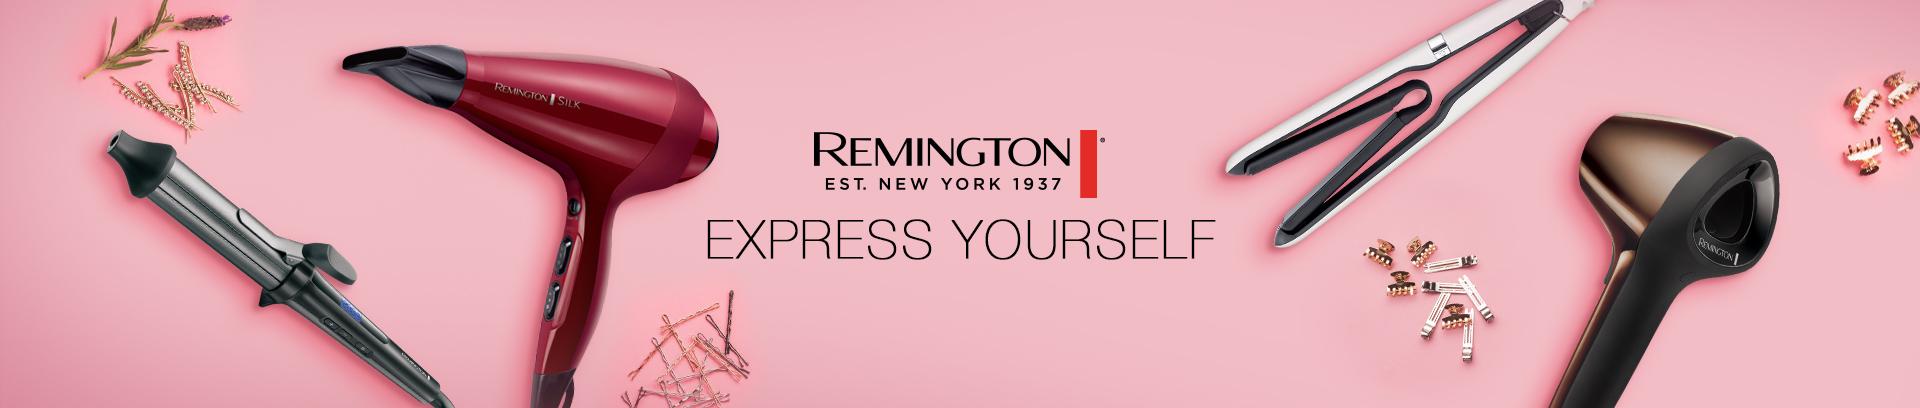 רמינגטון- מכונות תספורת